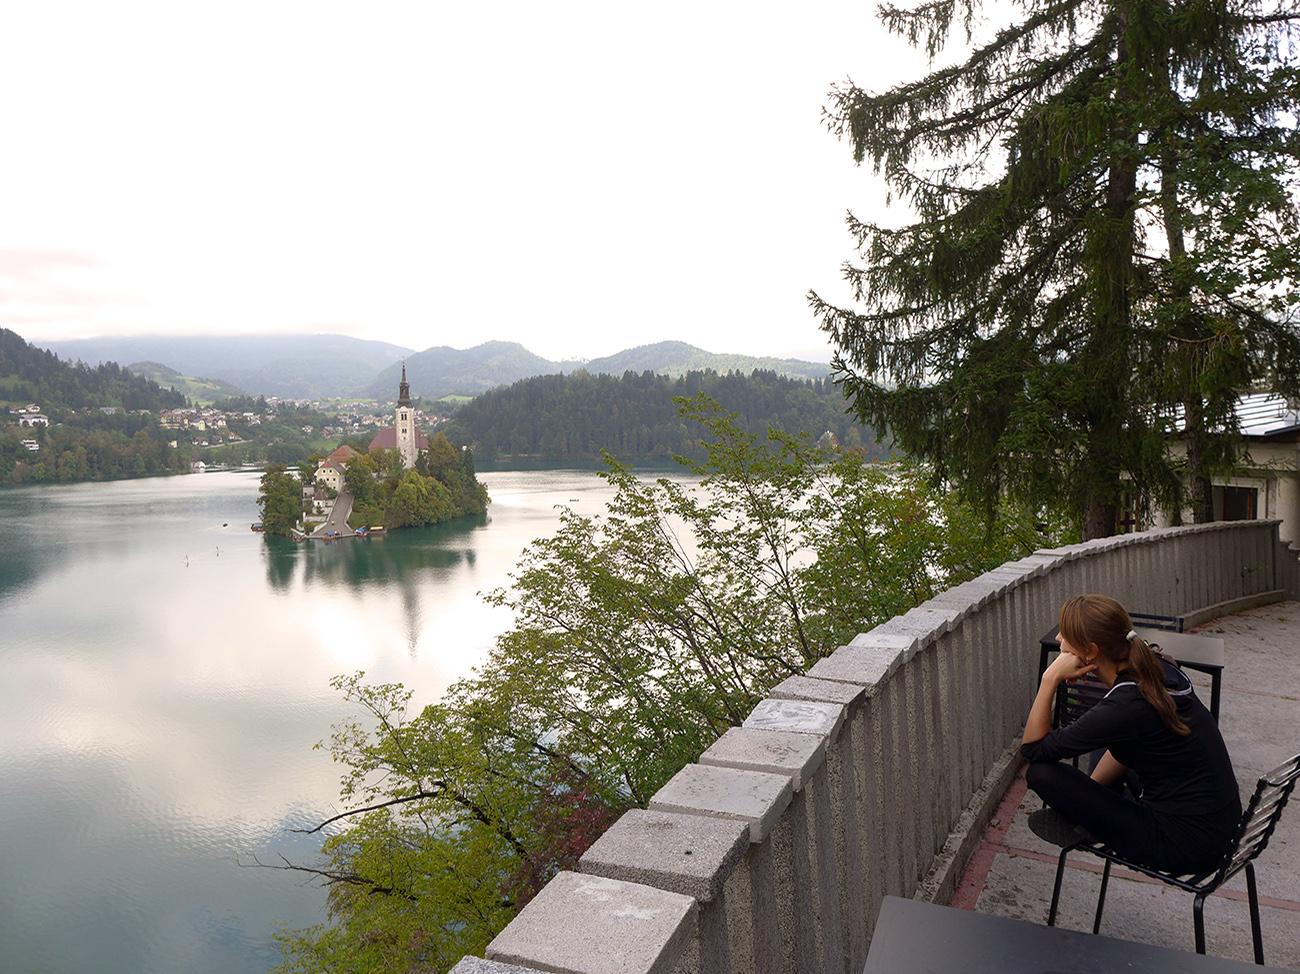 Fotografija ruskega avtorja, ki je naravnost vzljubil lepote Slovenije. Vir: Osebni arhiv